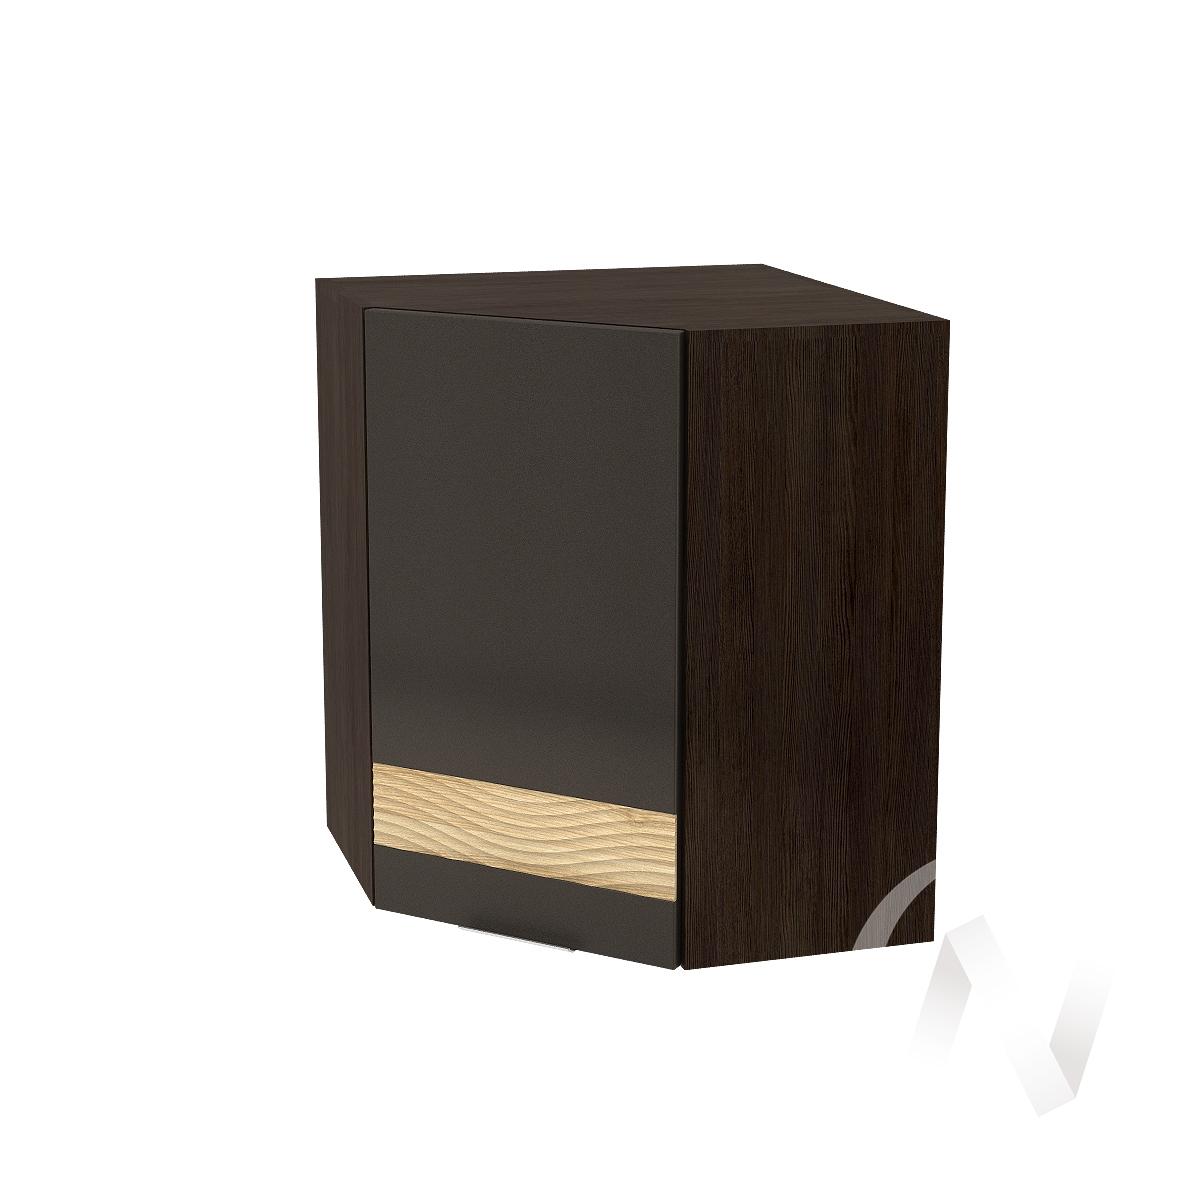 """Кухня """"Терра"""": Шкаф верхний угловой правый 590, ШВУ 590 (смоки софт/ель карпатская/корпус венге)"""